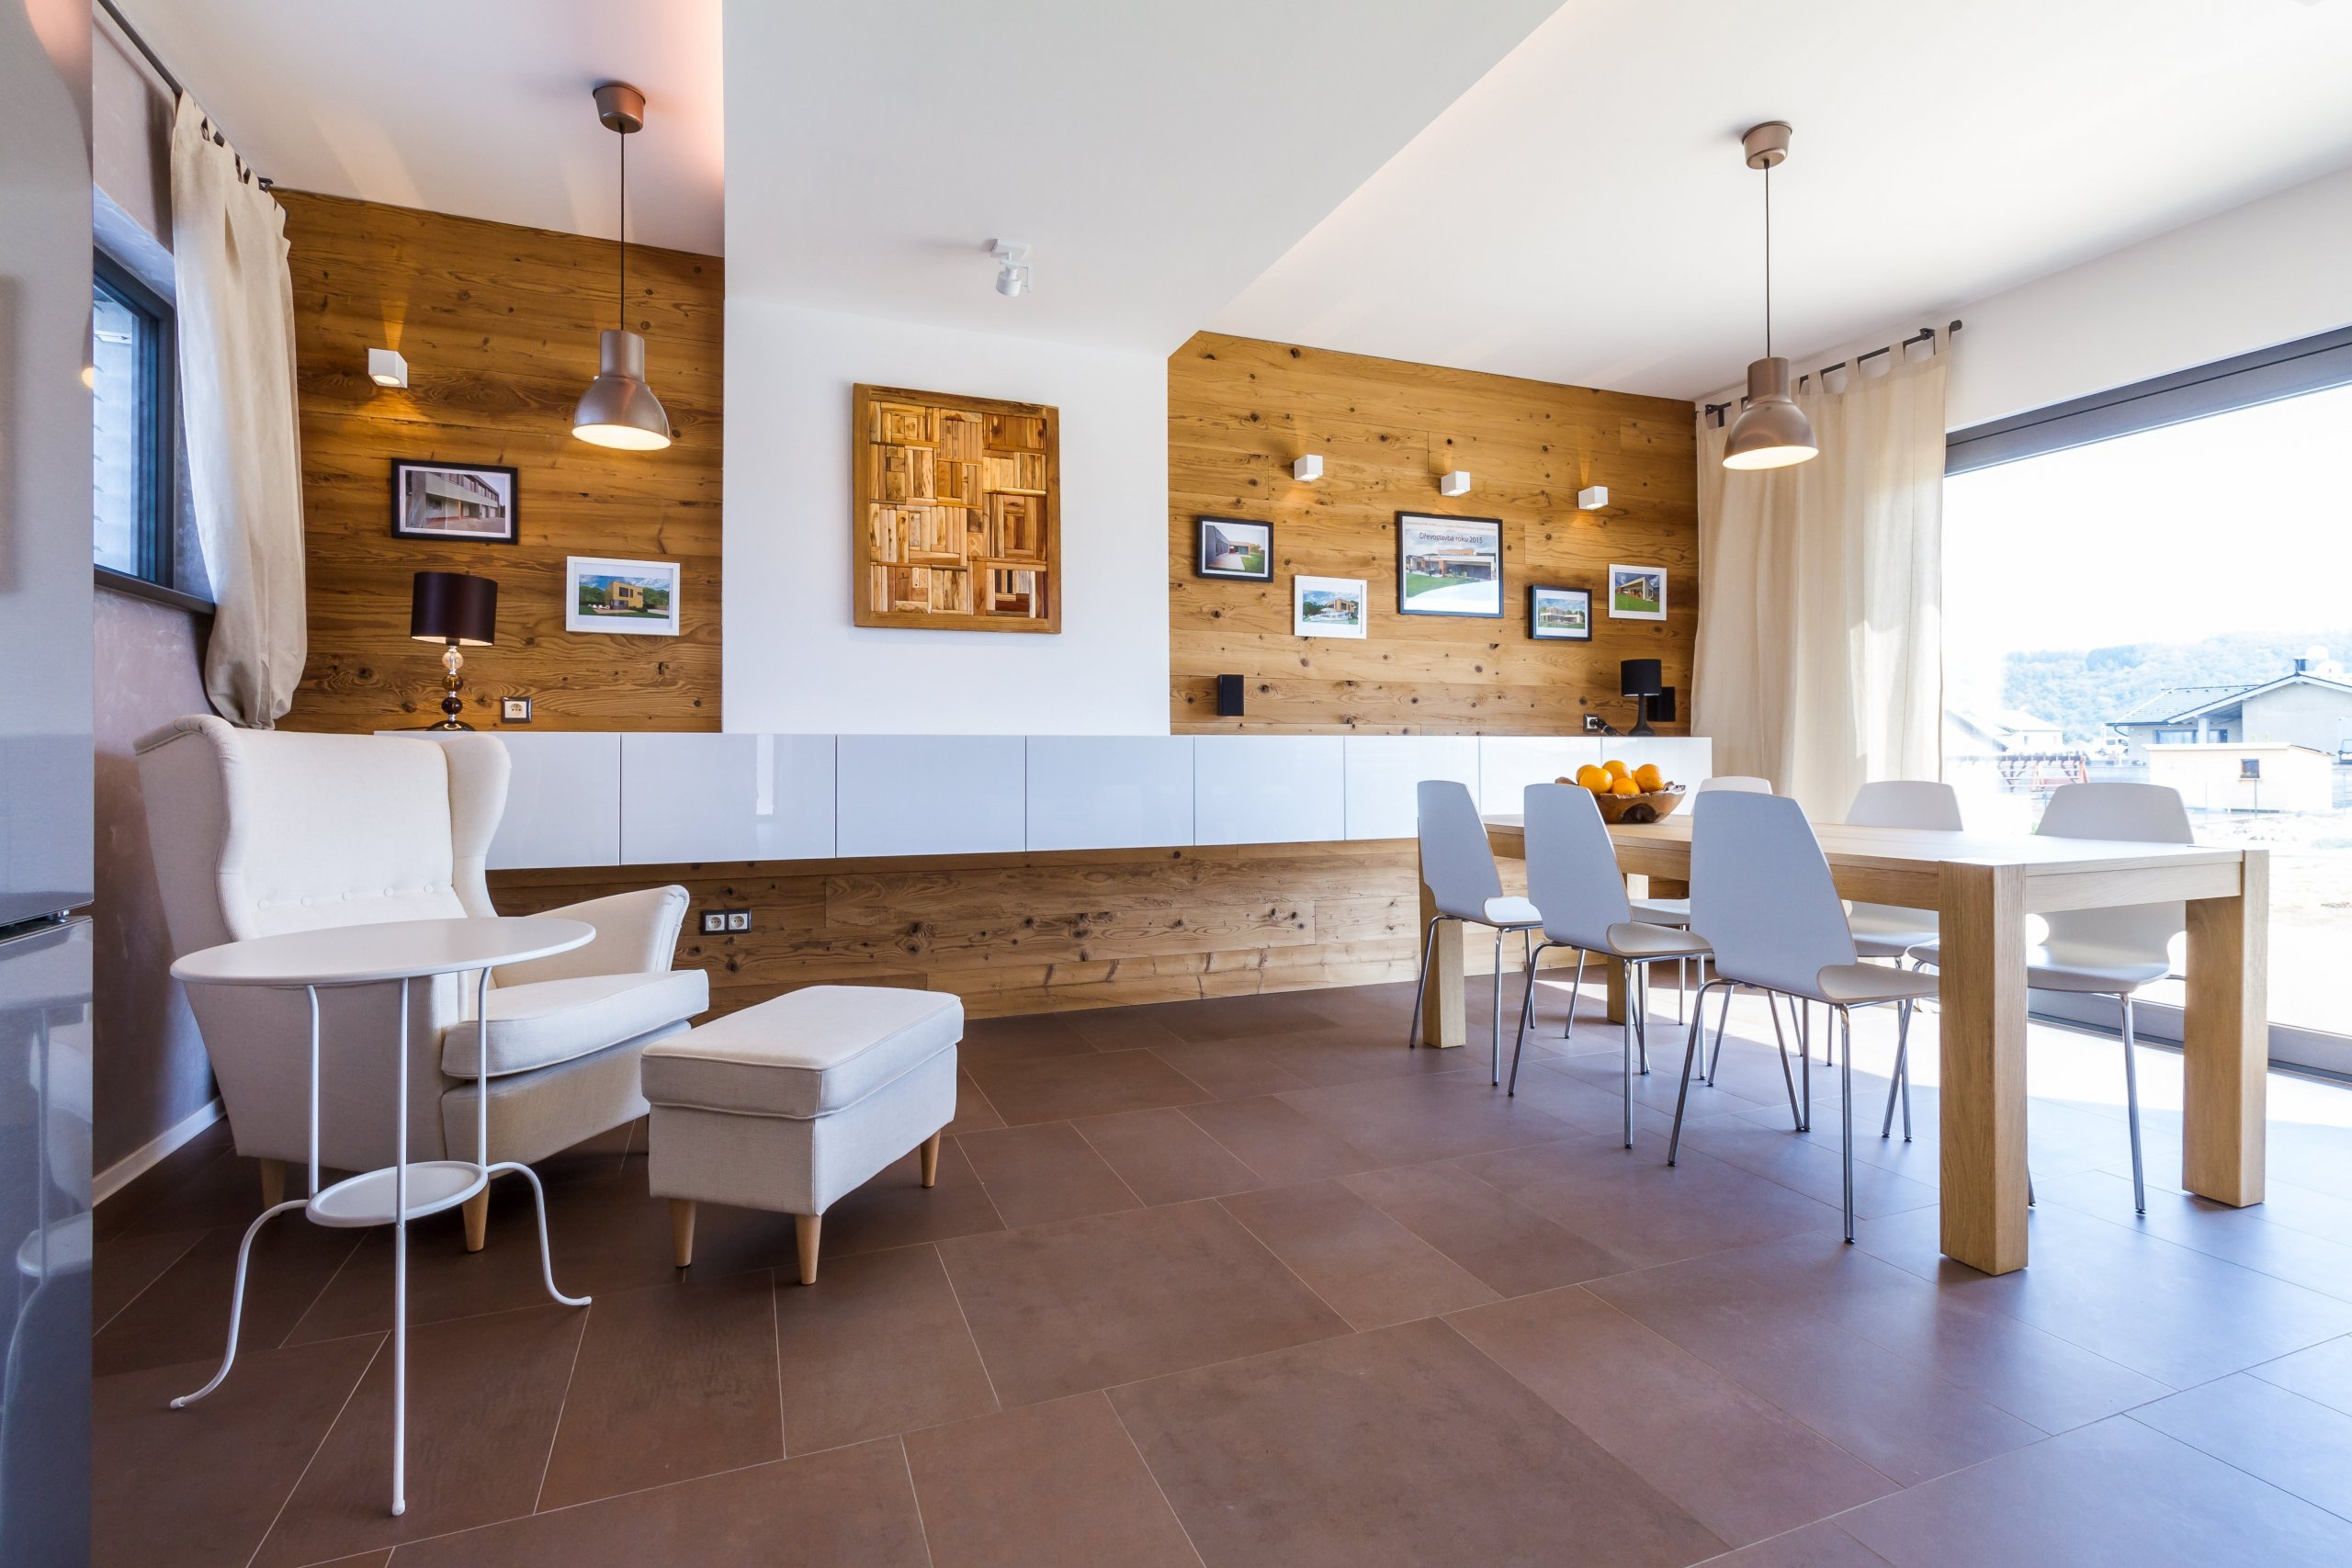 Rodinný dům v Levíně u Berouna je v současnosti jednou z nejmodernějších dřevostaveb v republice. Jeho čisté hmotové řešení definované dvěma kvádry asymetricky…